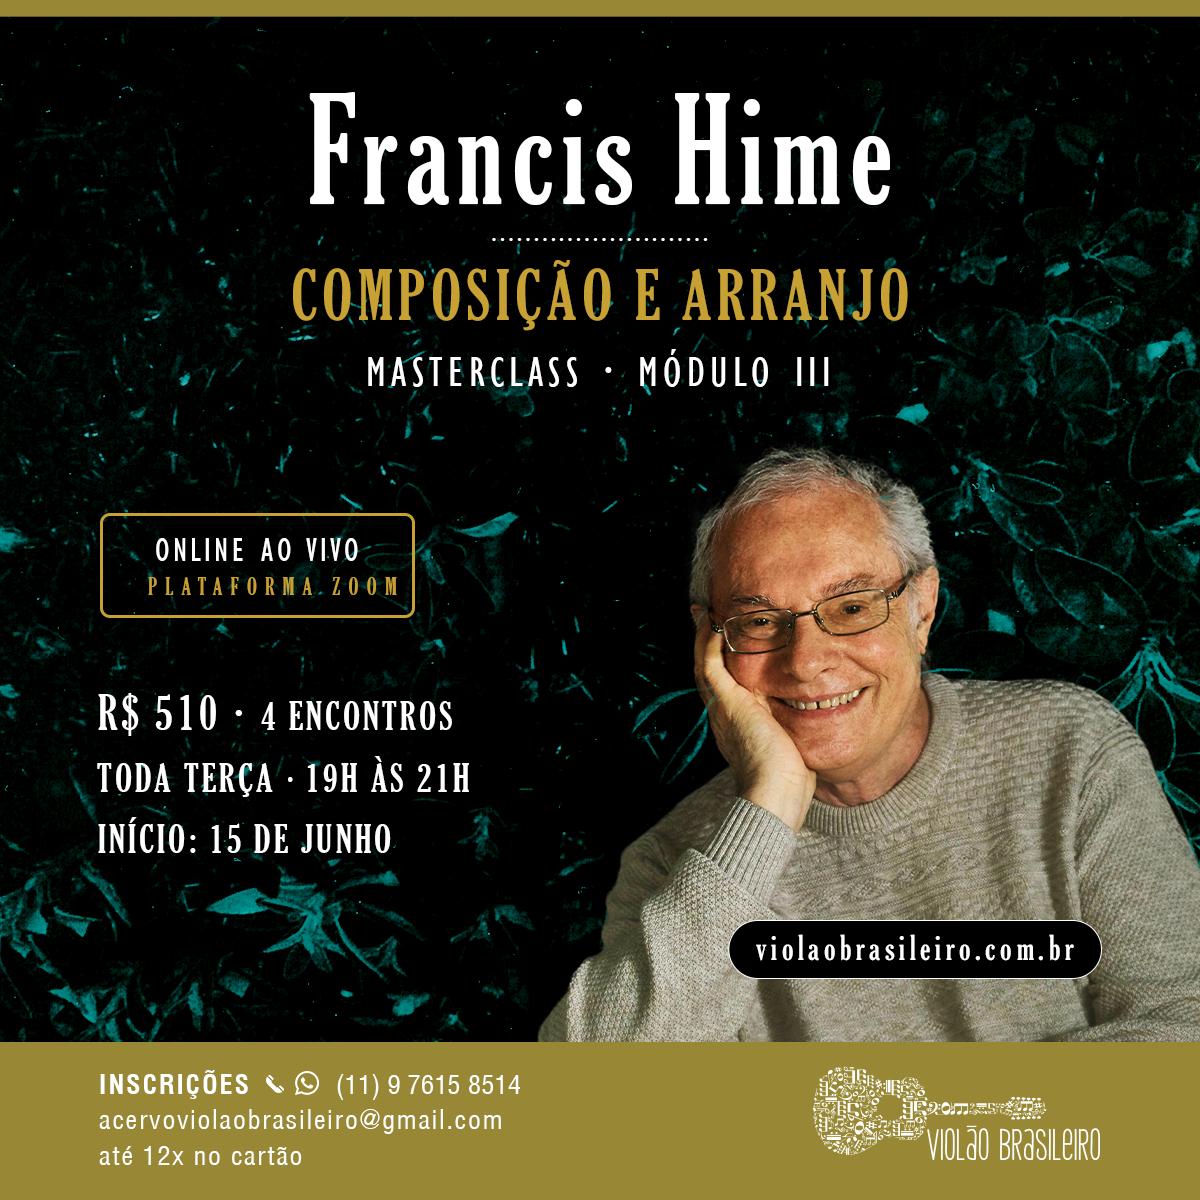 Francis Hime abre novo curso sobre suas composições, arranjos e histórias musicais - banner curso